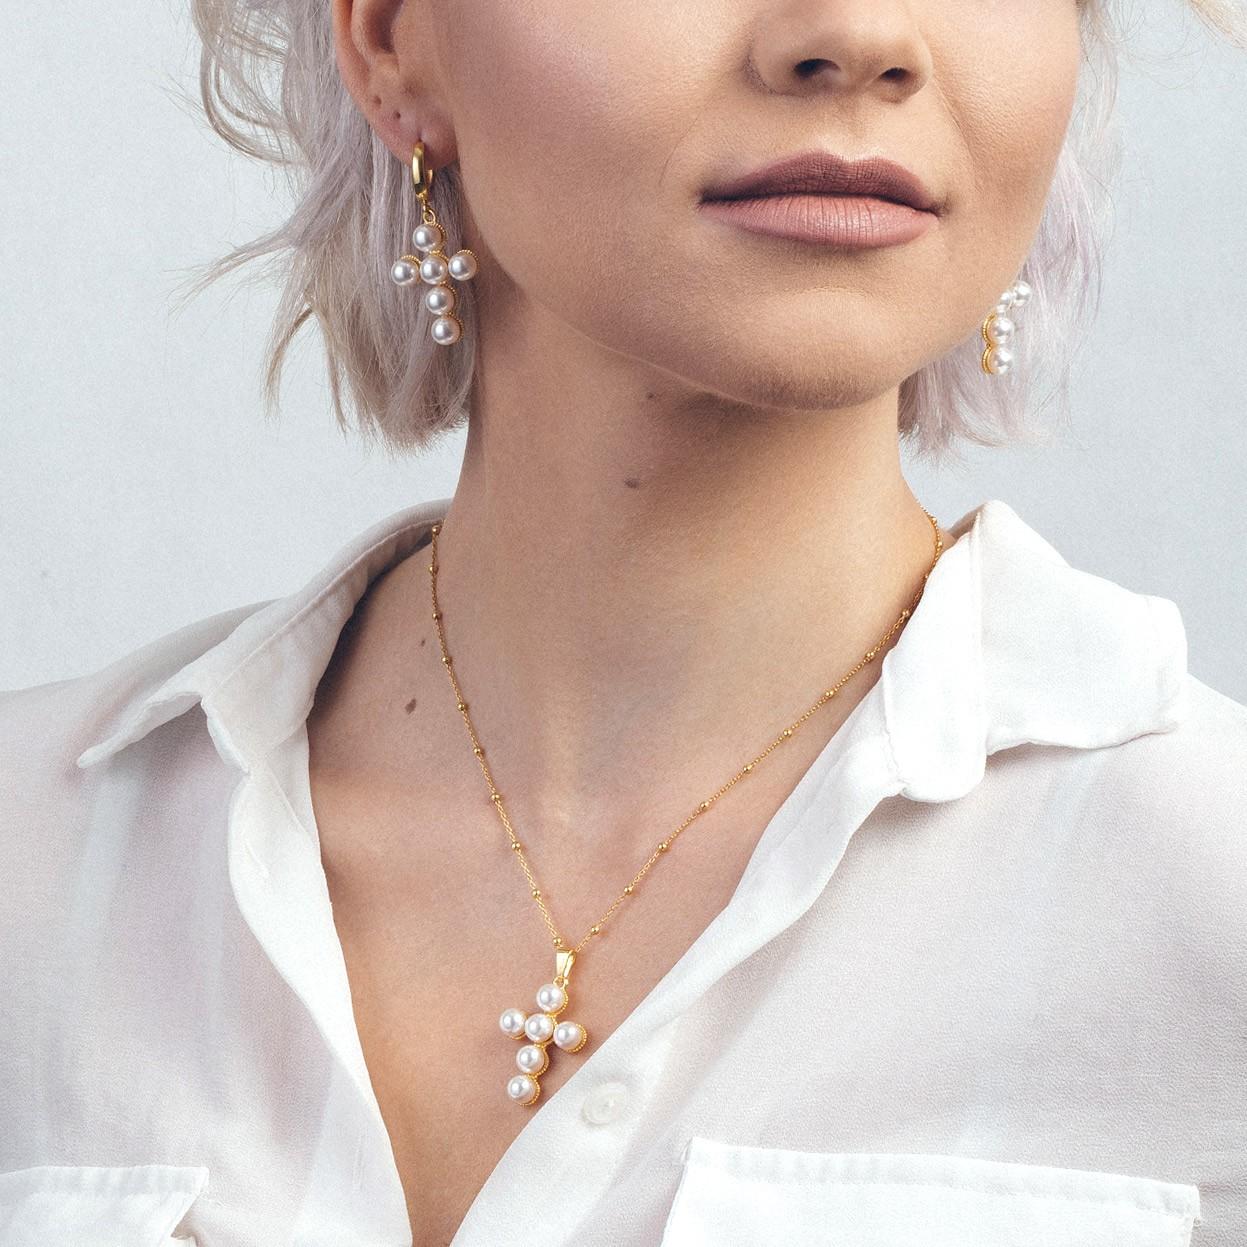 Kolczyki krzyżyk z perłami, srebro 925 Swarovski